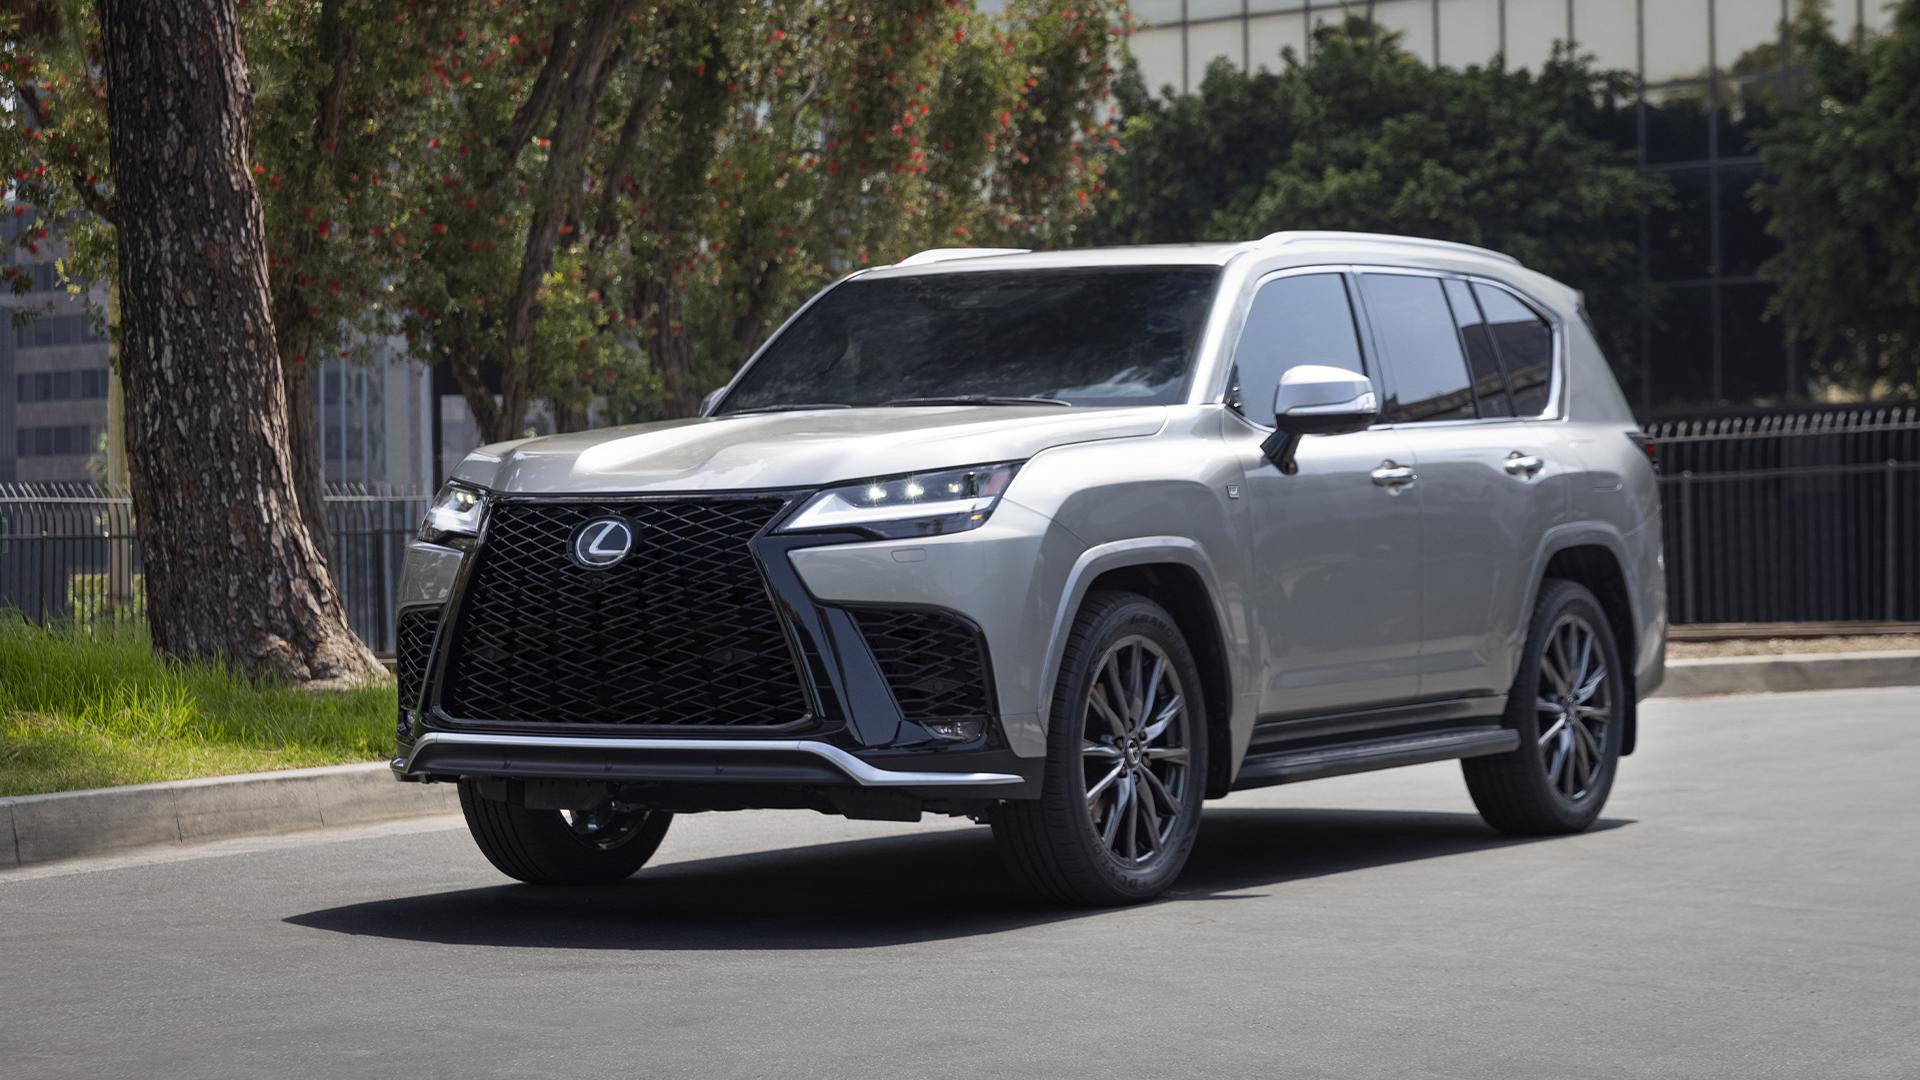 2022 Lexus LX 600 front three-quarter urban